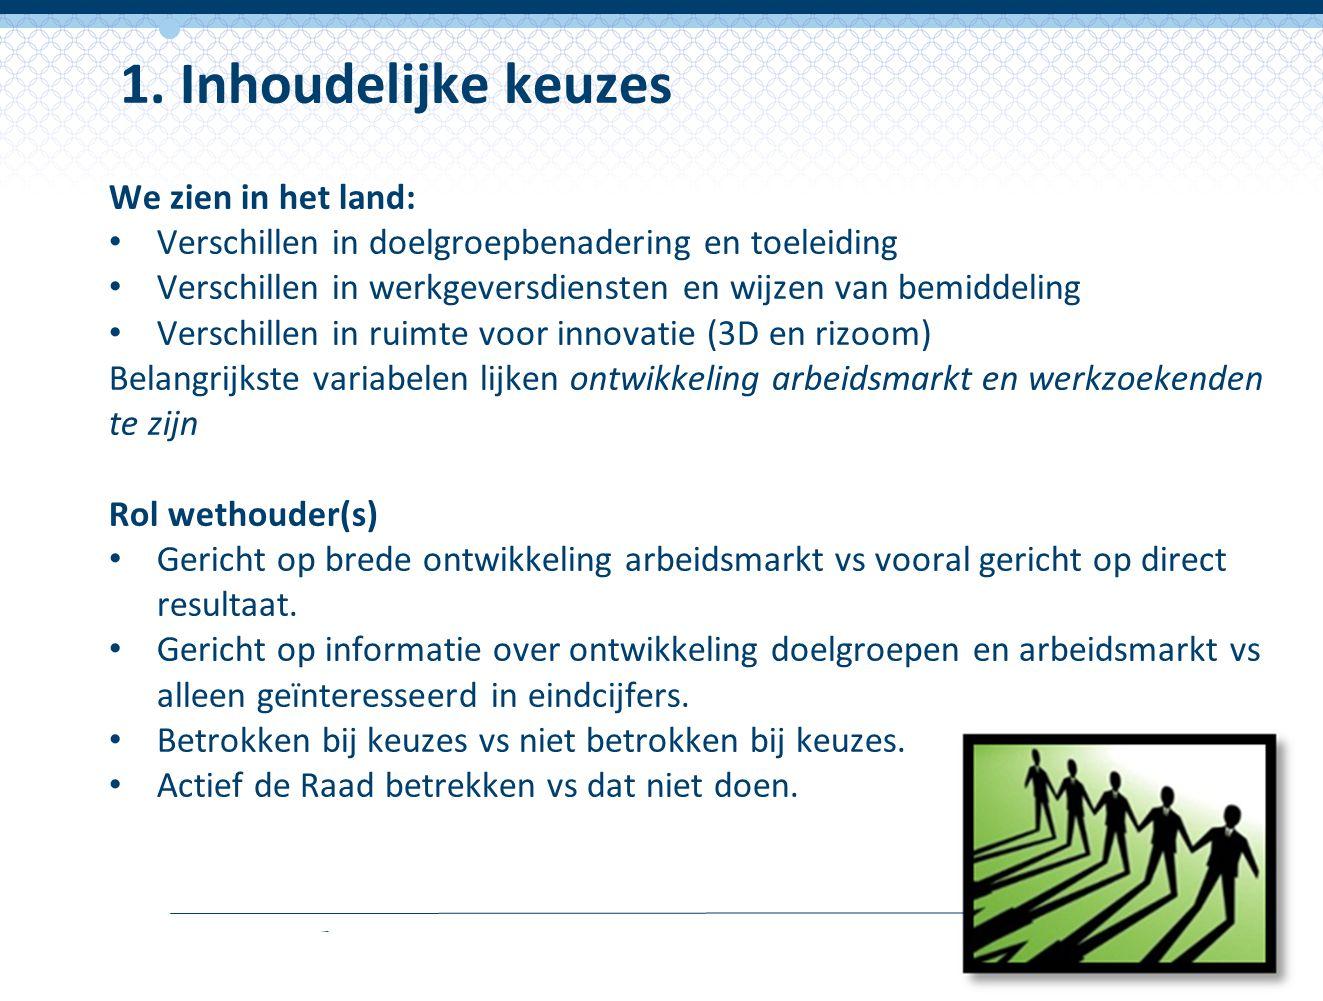 We zien in het land: Verschillen in doelgroepbenadering en toeleiding Verschillen in werkgeversdiensten en wijzen van bemiddeling Verschillen in ruimt